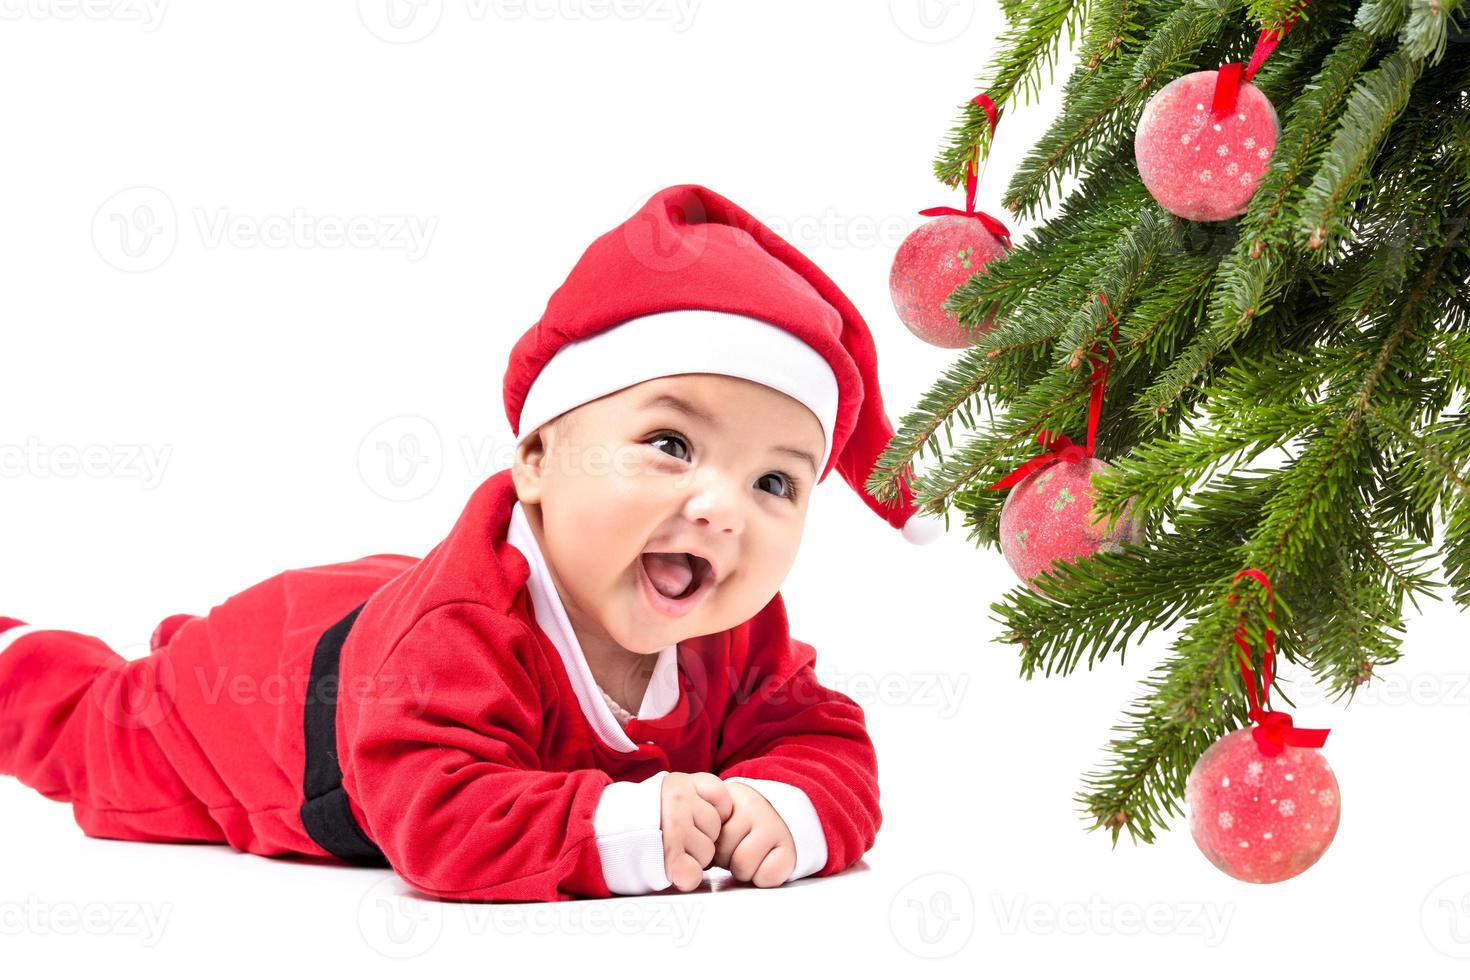 piccola bambina in abiti natalizi rossi. foto